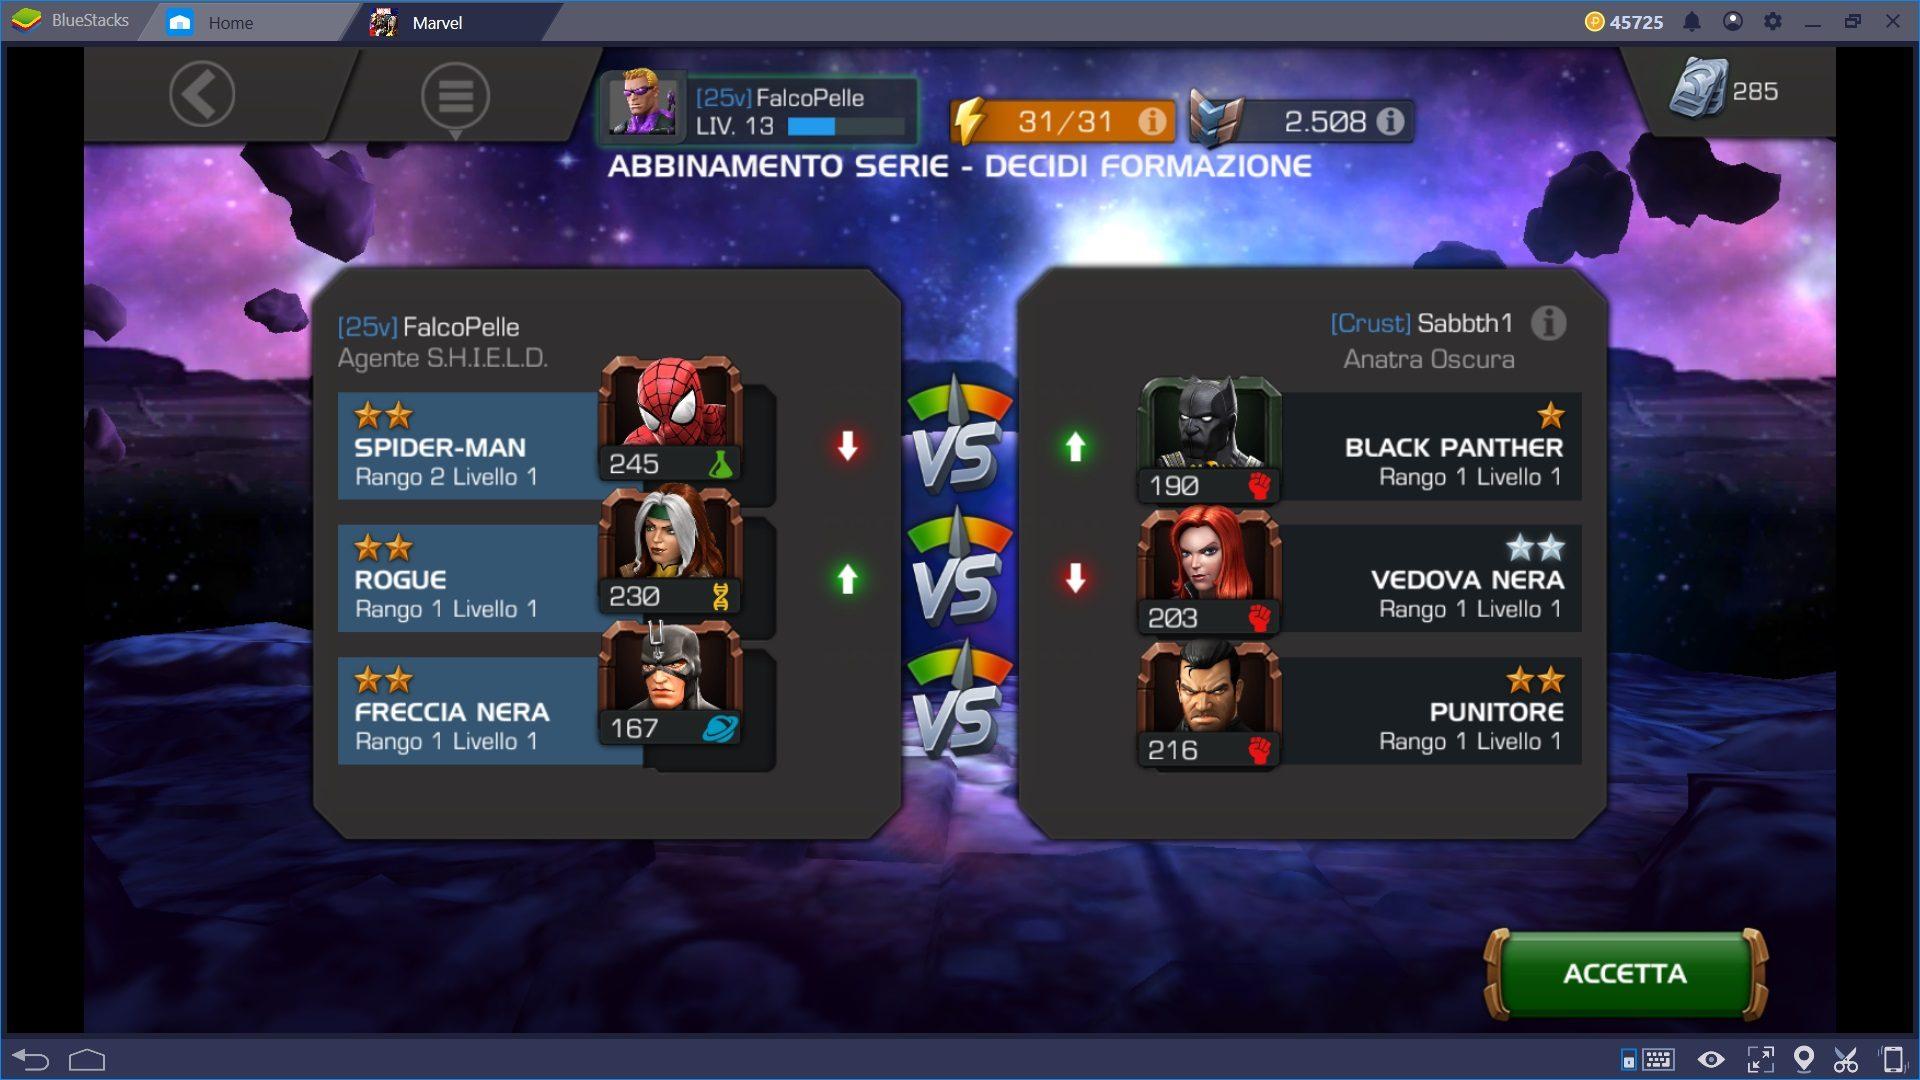 La Guida per i Nuovi Giocatori di Marvel Sfida dei Campioni